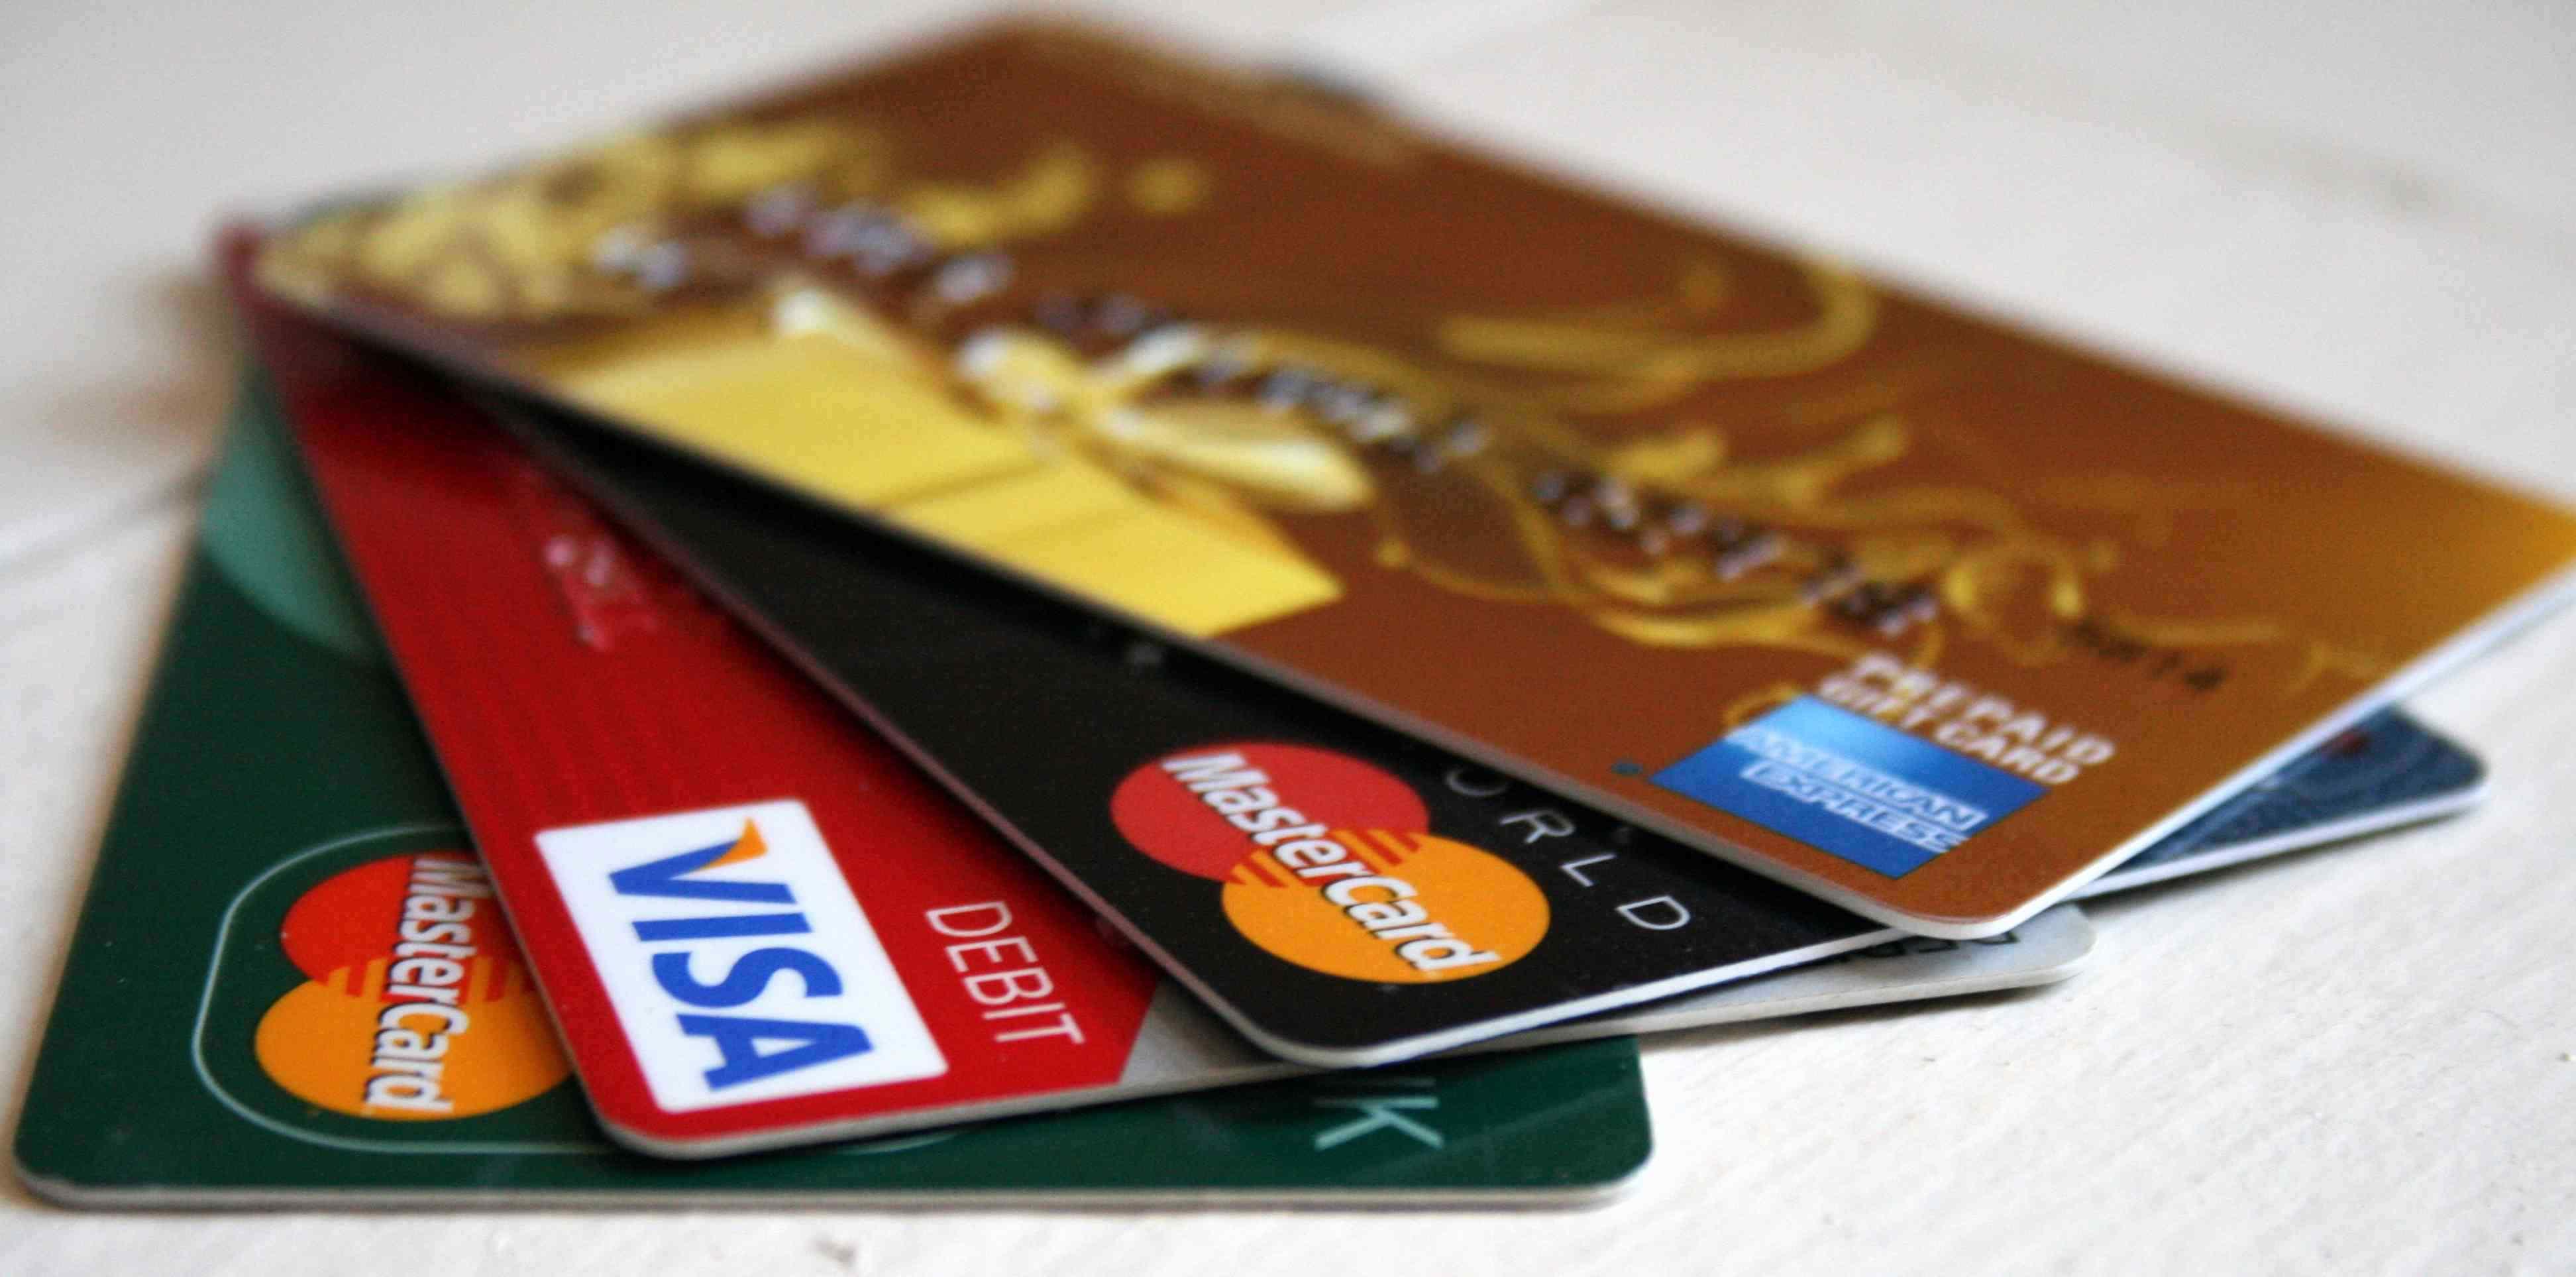 chto-takoe-kreditnaya-karta_19